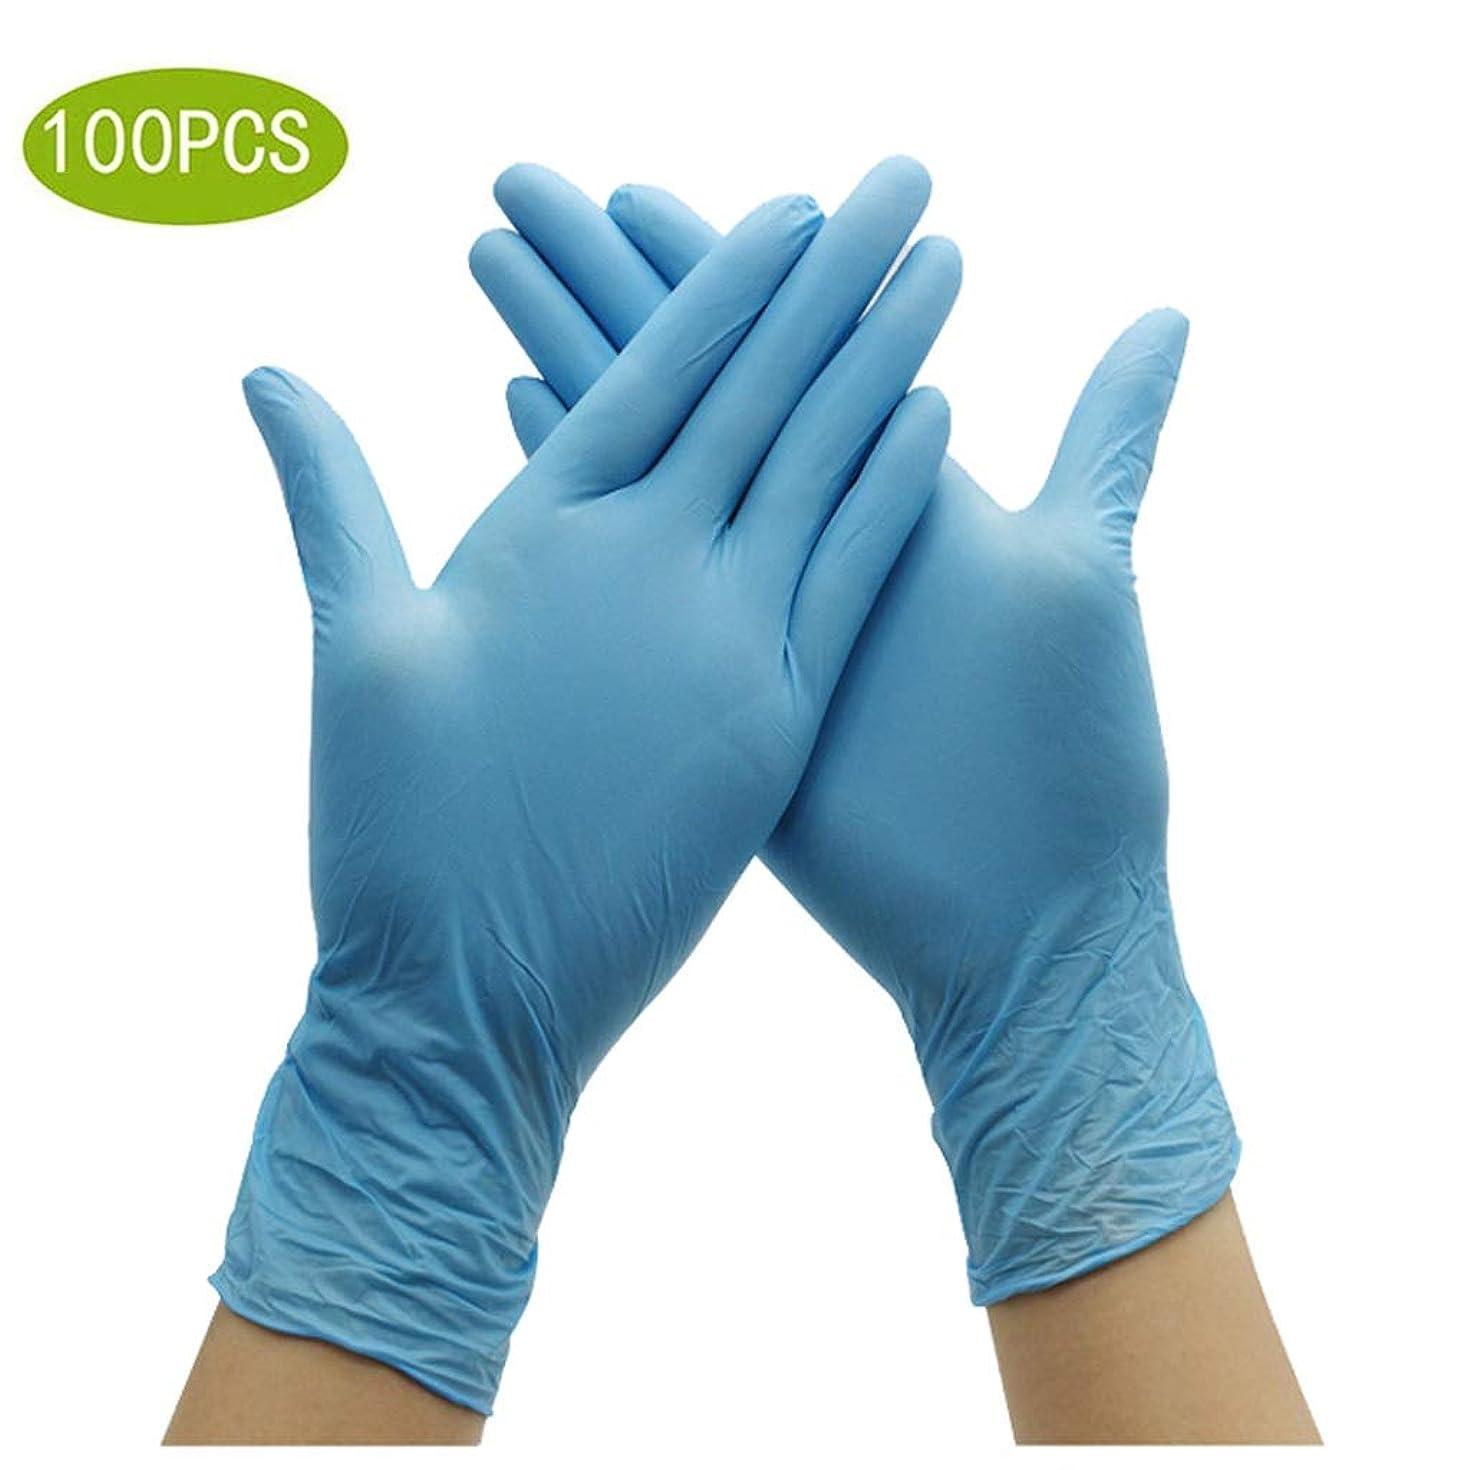 パテ十代テクトニックニトリル医療グレード試験用手袋、使い捨て、ラテックスフリー、100カウント、サイズ大